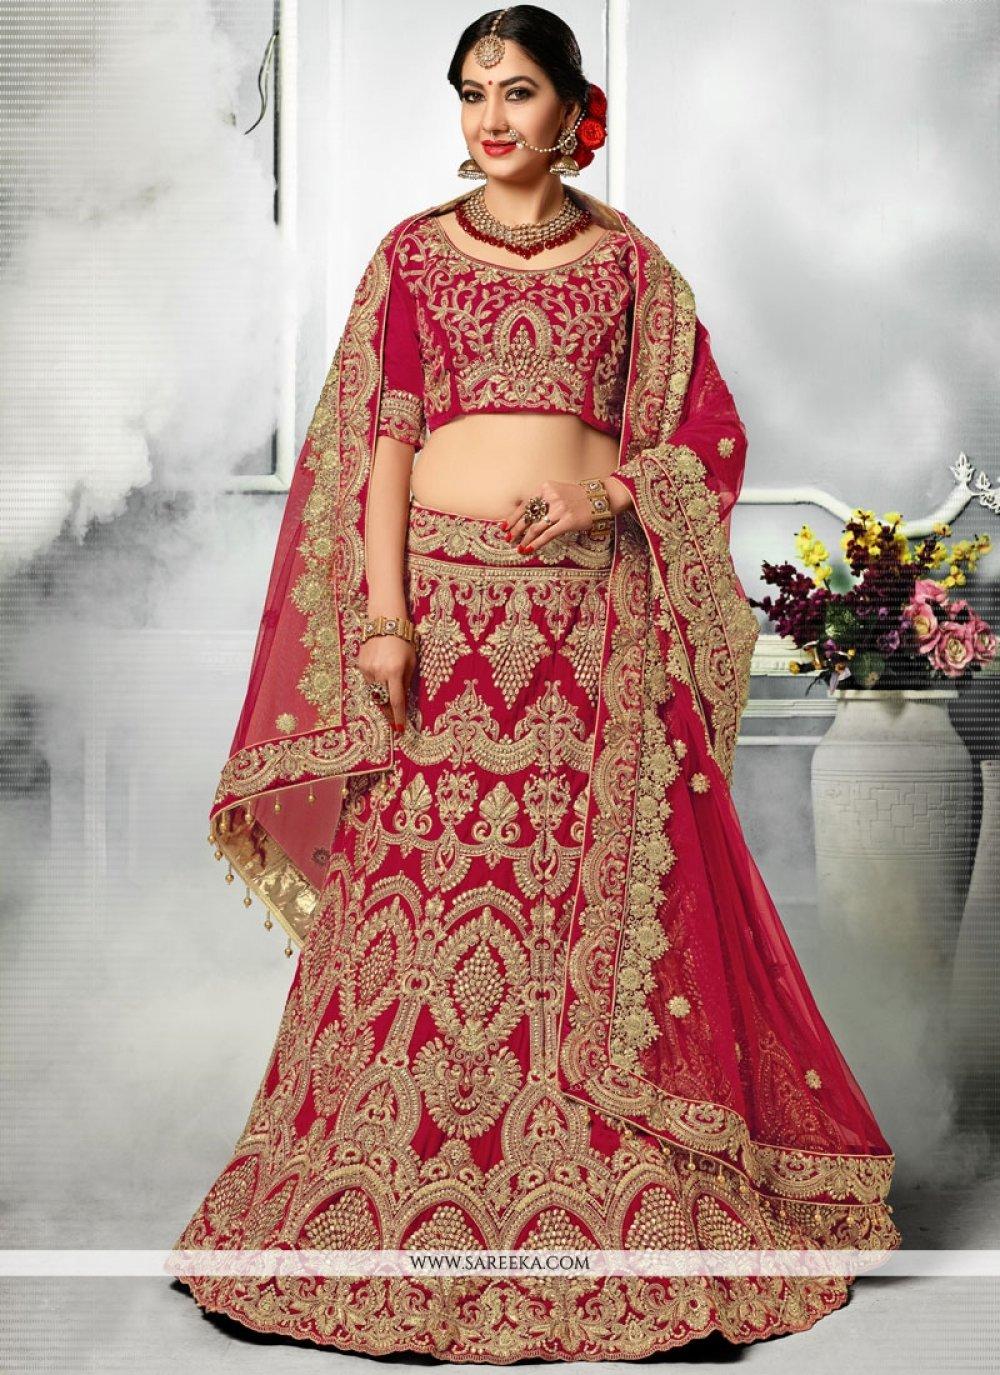 Velvet Red A Line Lehenga Choli